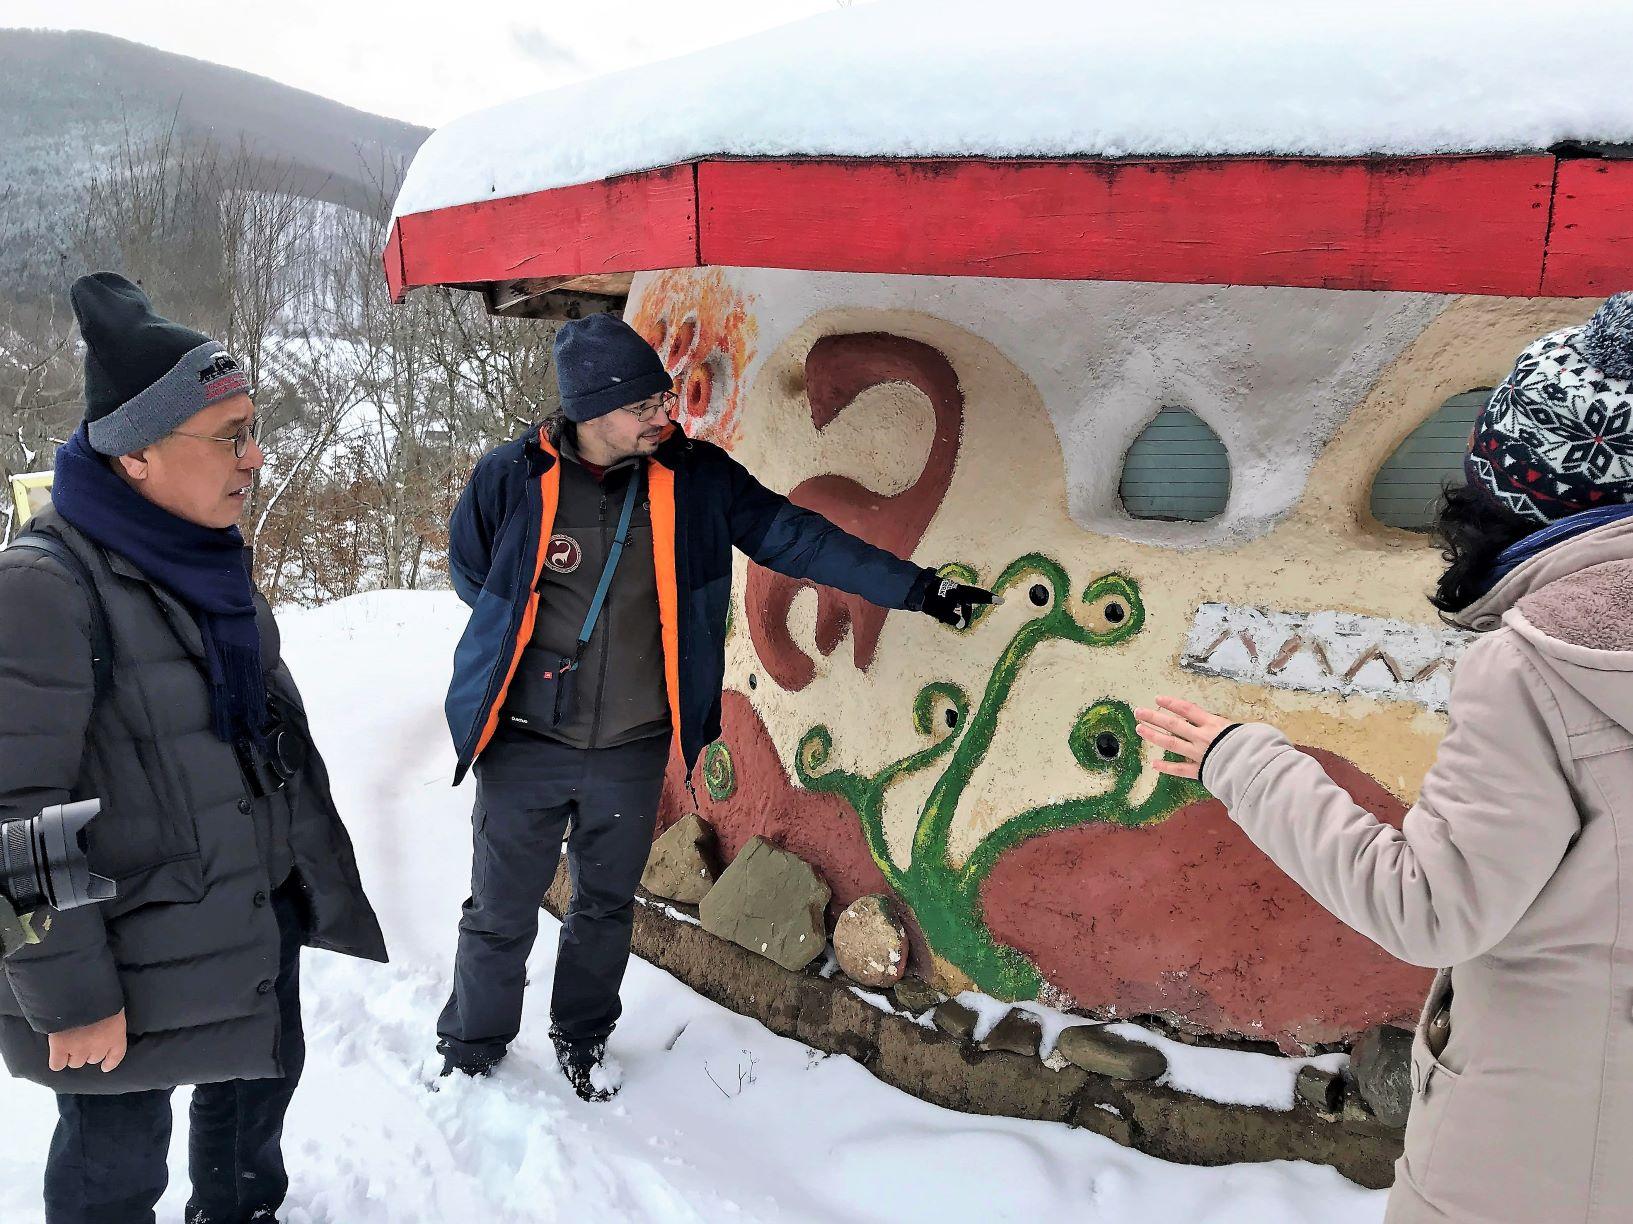 Geoparcul Dinozaurilor a construit o punte de legătură între Țara Hațegului și Coreea de Sud